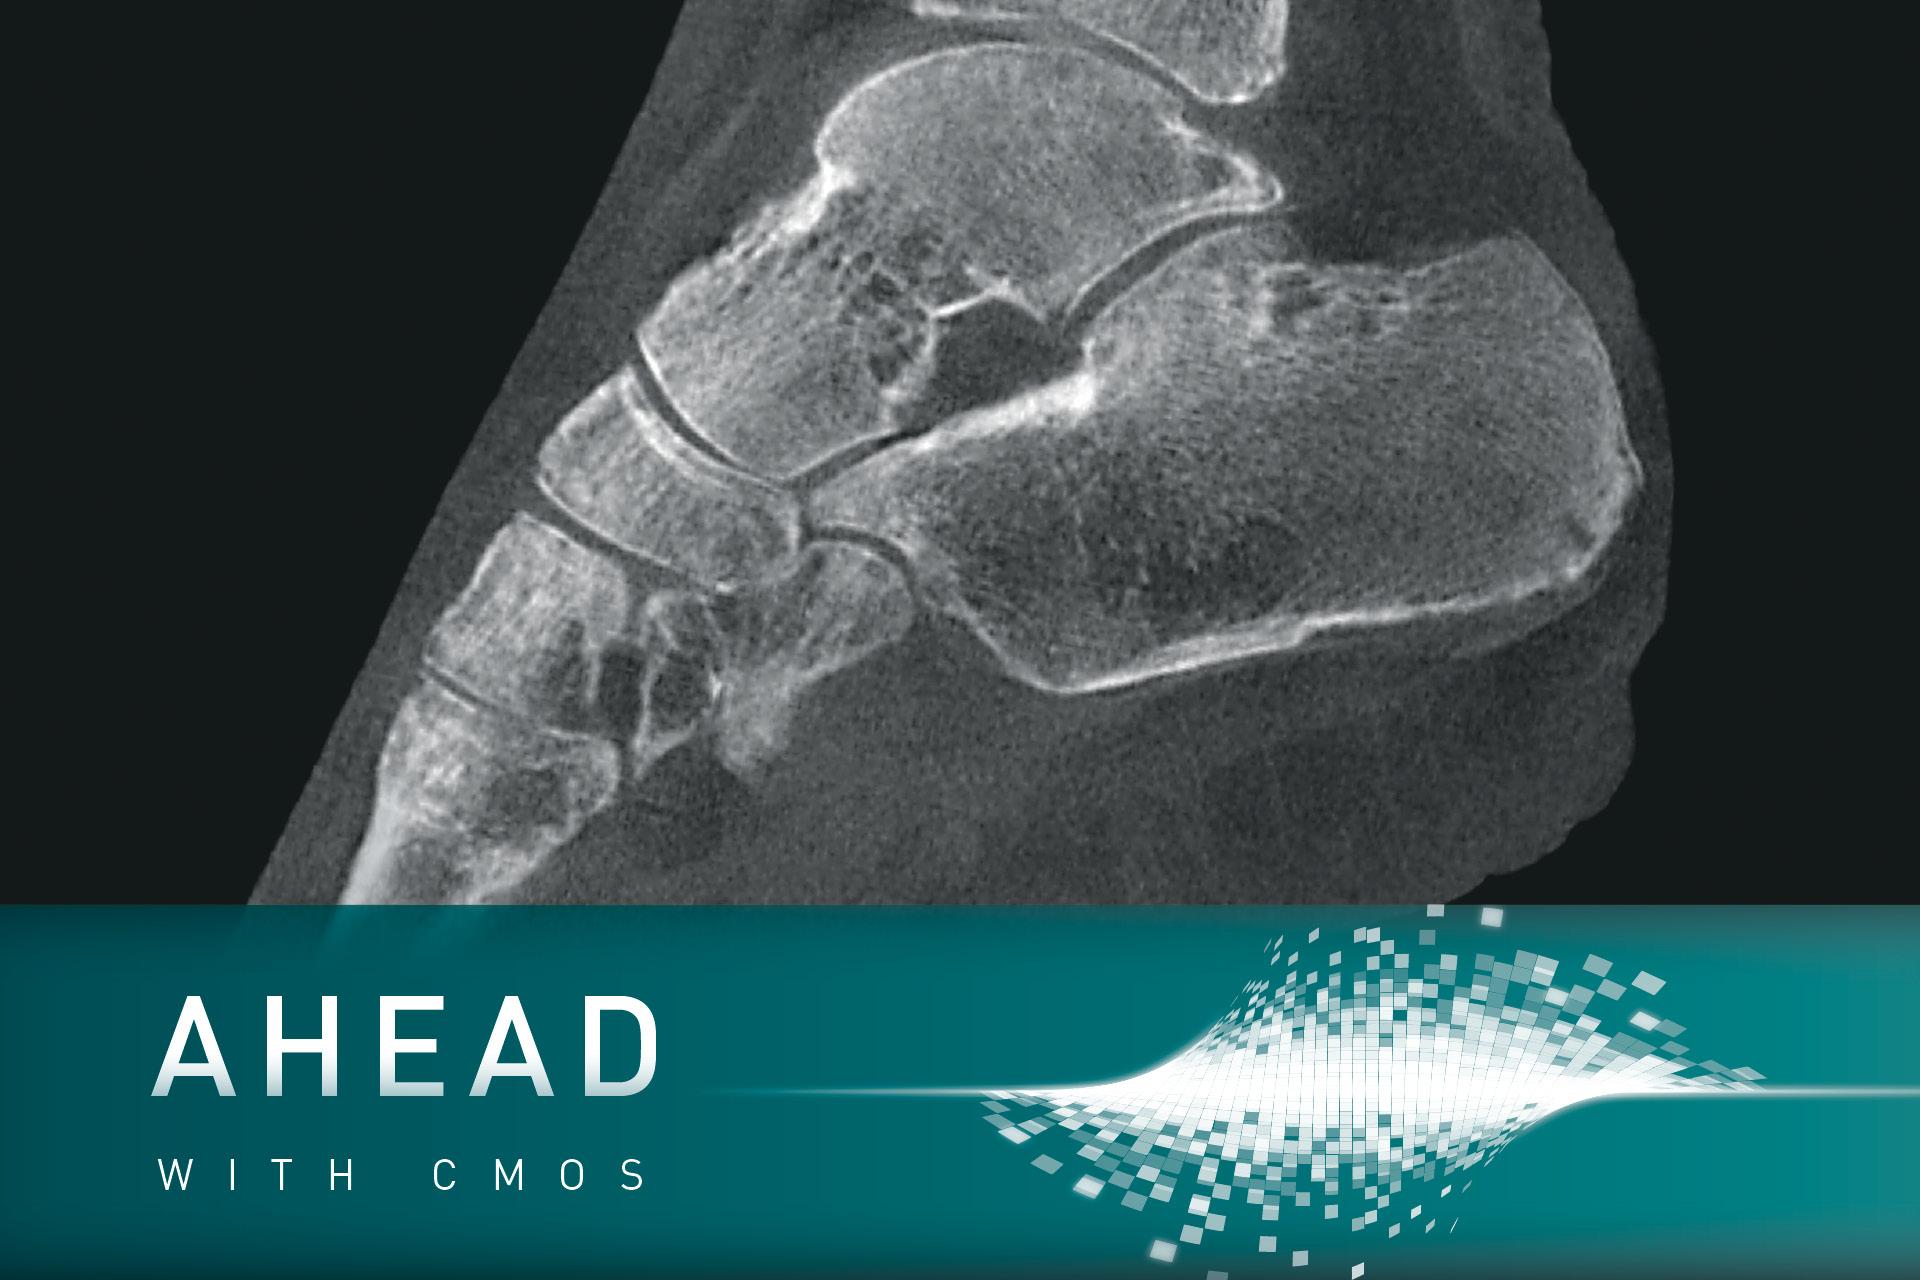 Klinisches Bild mit Key Visual Ahead with CMOS